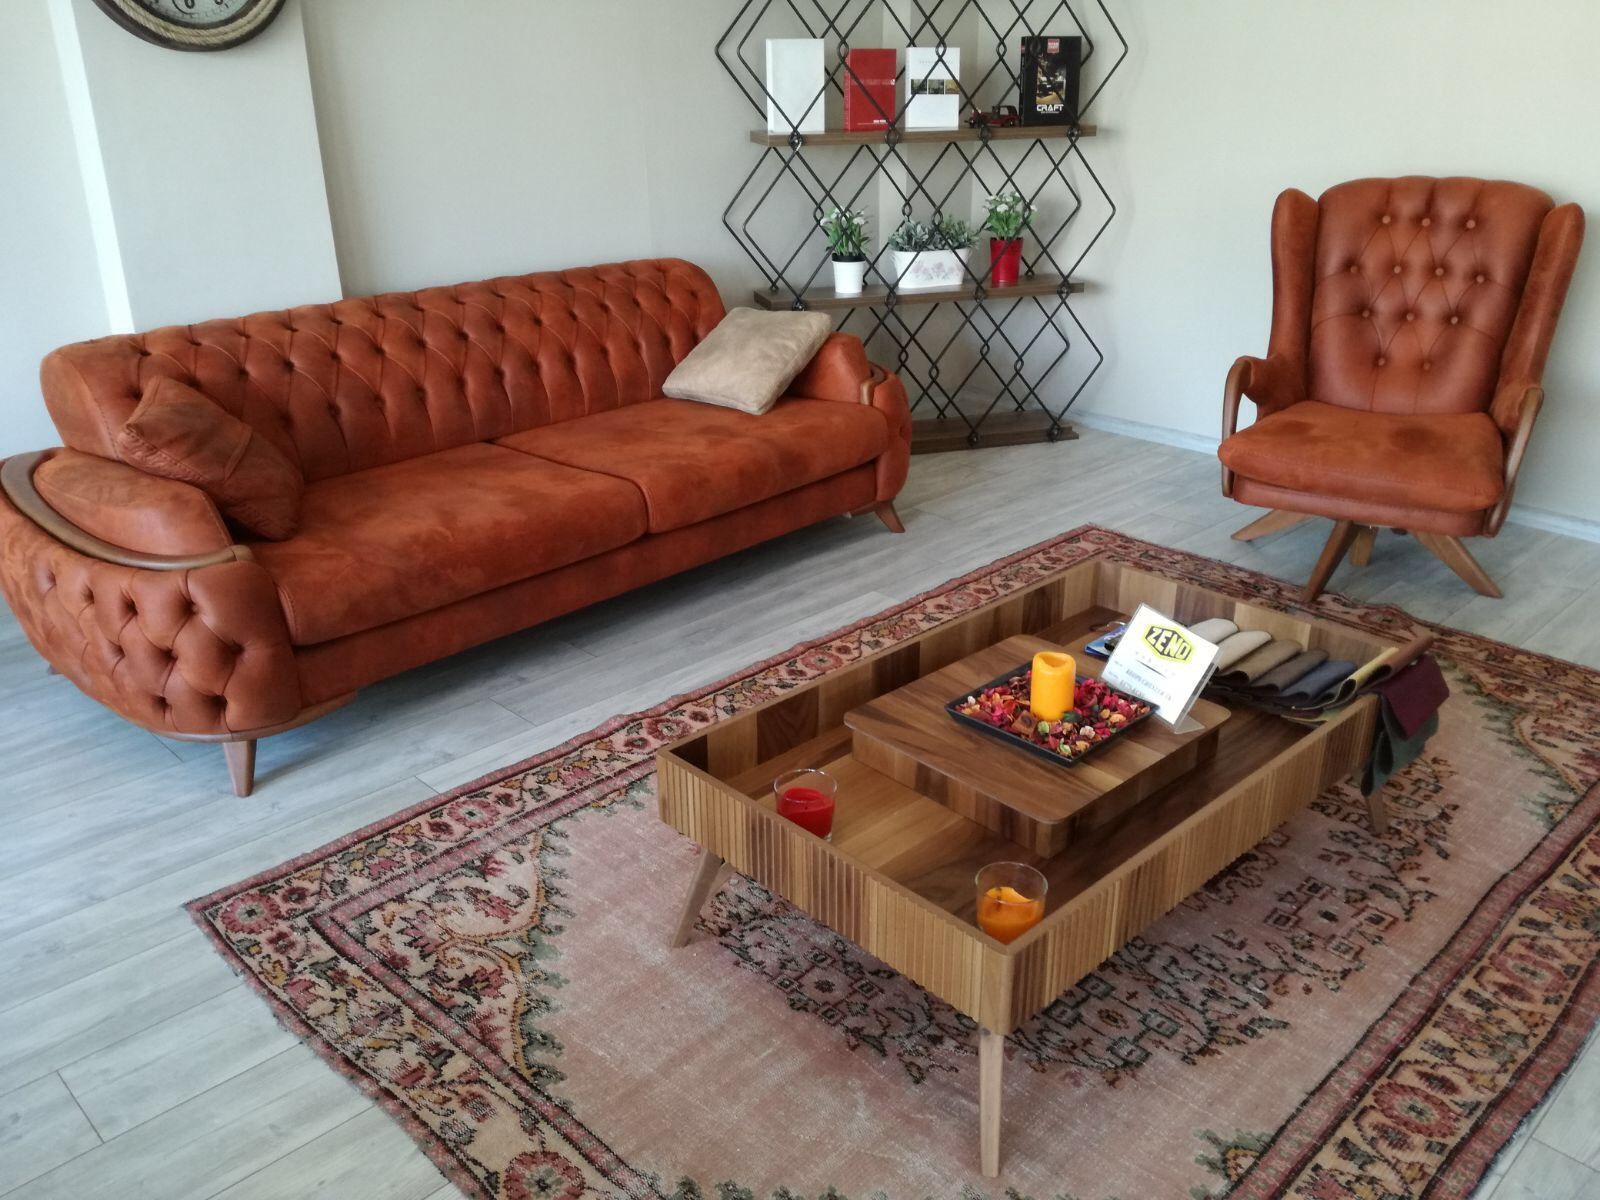 Pin By Huseyin On Sedat Tuna Furniture Geometric Furniture Sofa Design